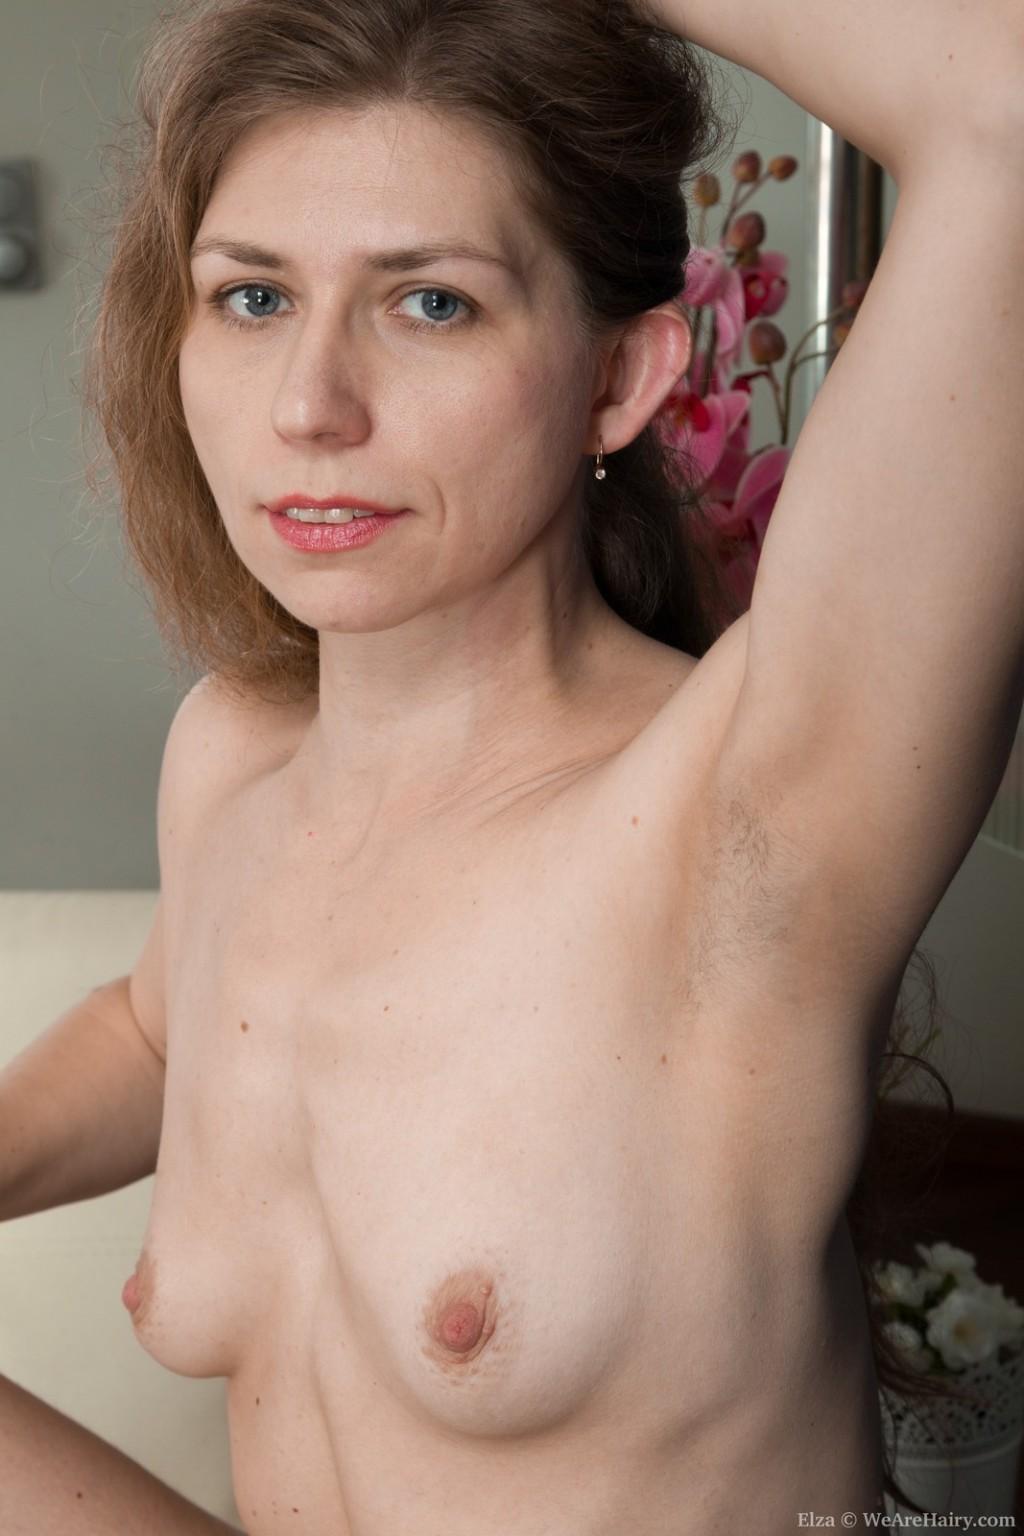 Нижнее белье - Порно галерея № 3549601